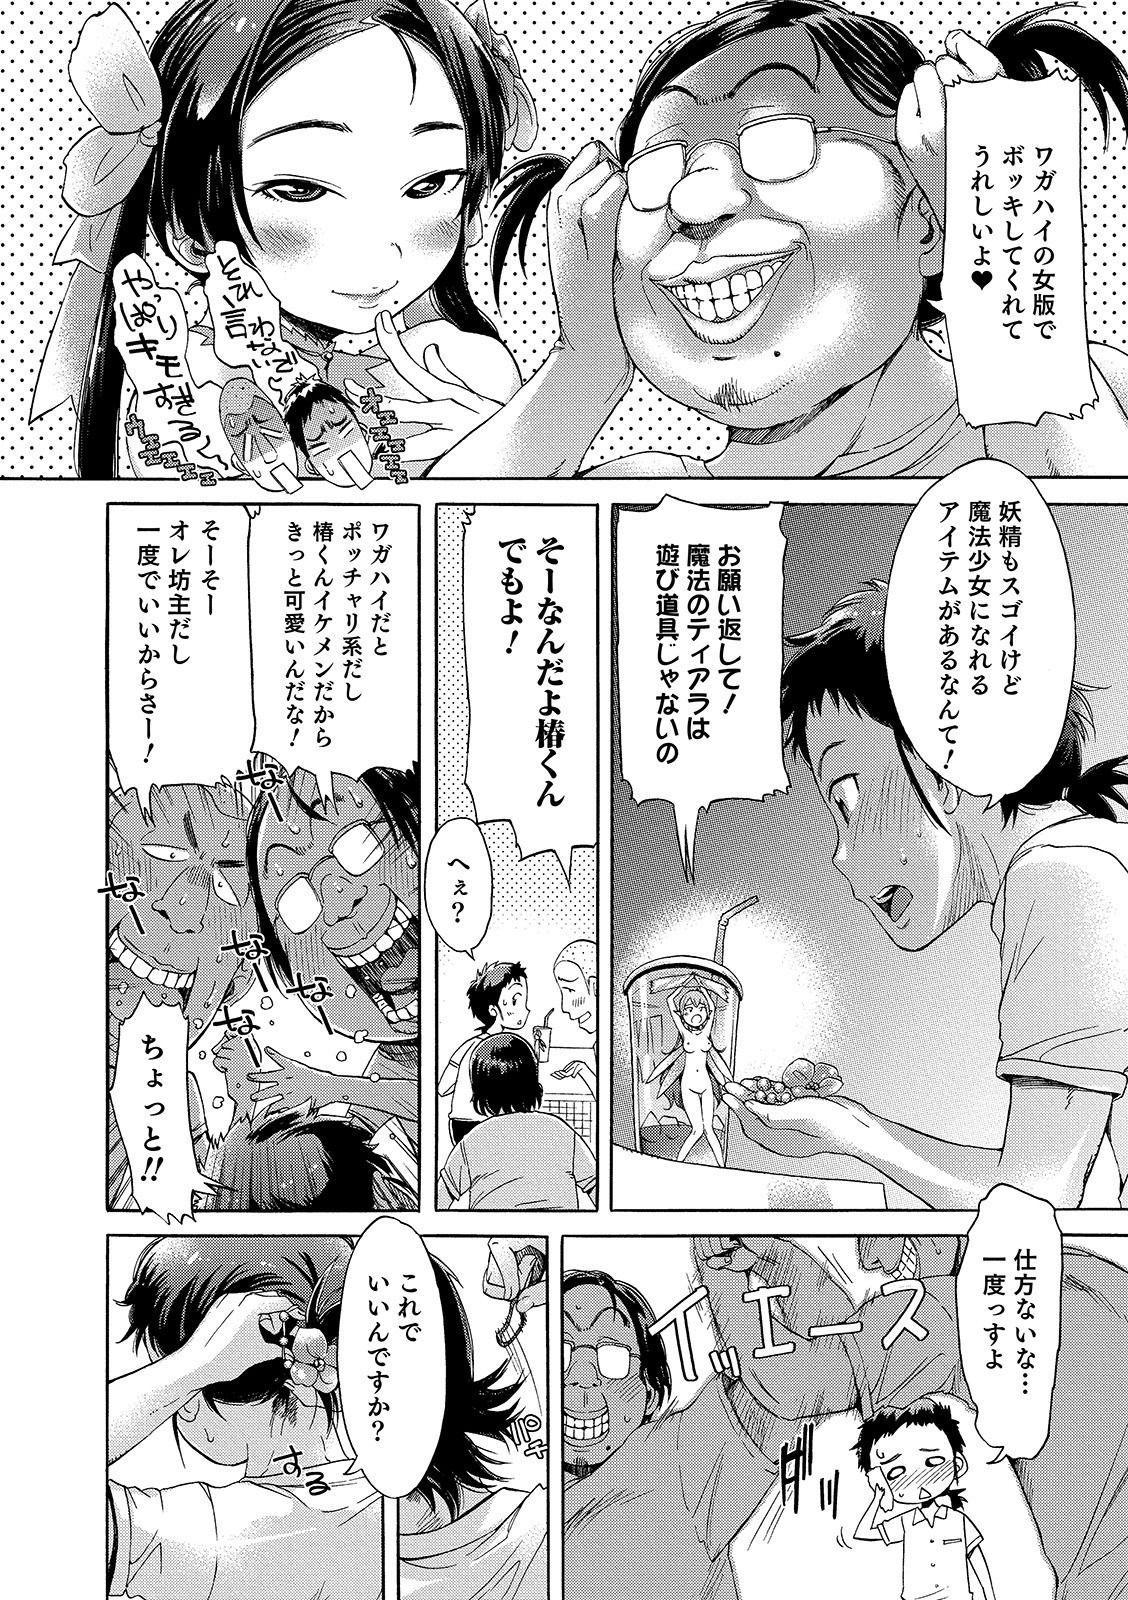 Mechax Shiyo 183